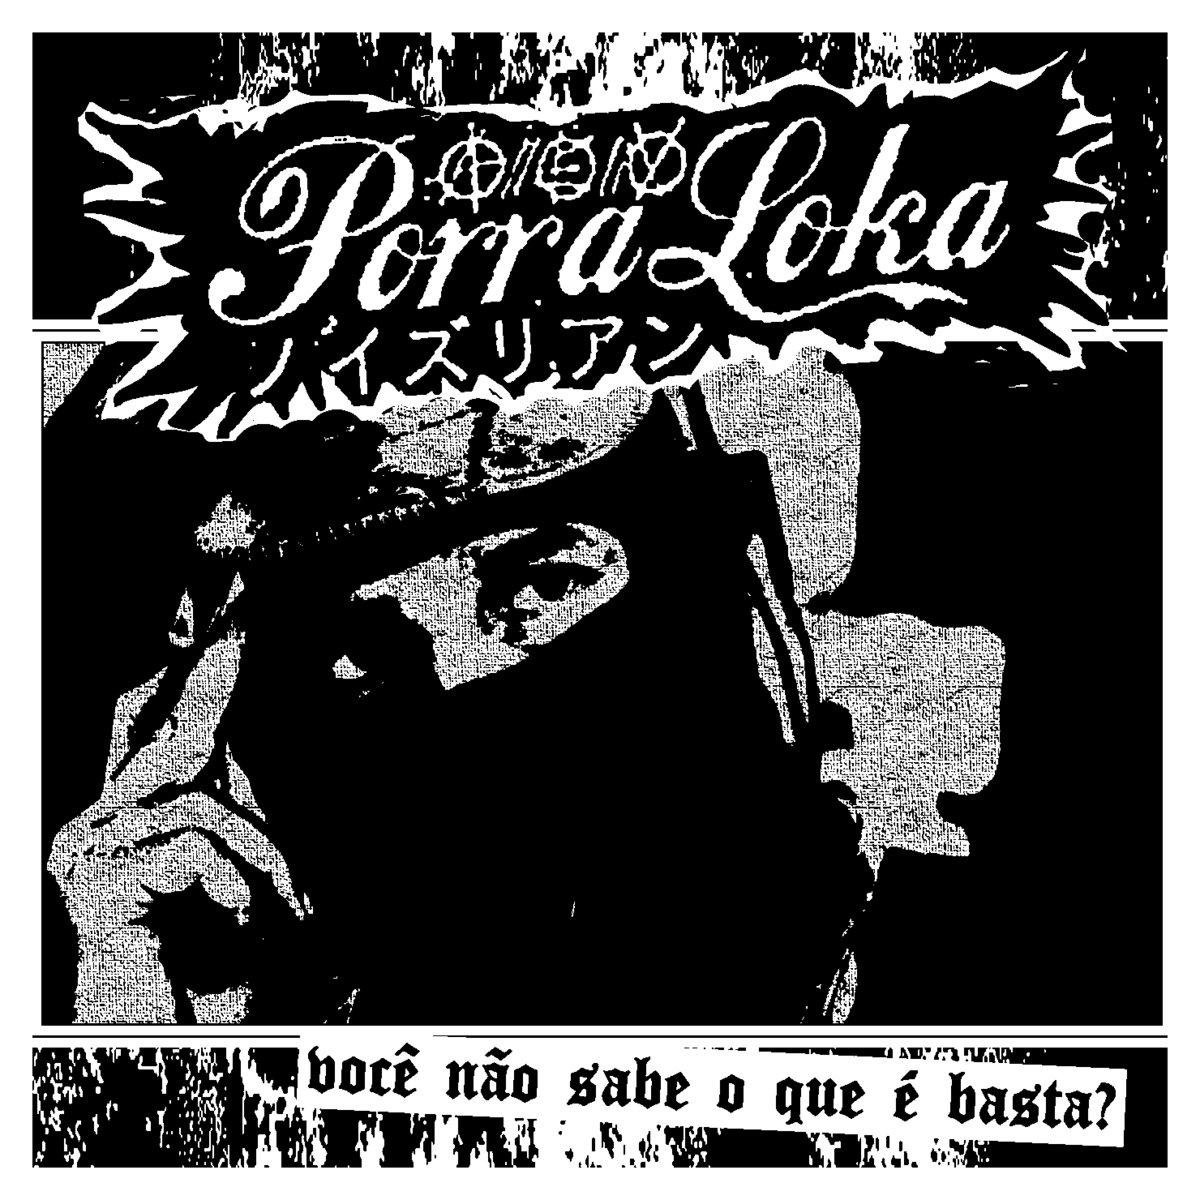 From Voc No Sabe O Que Basta By Porrloka